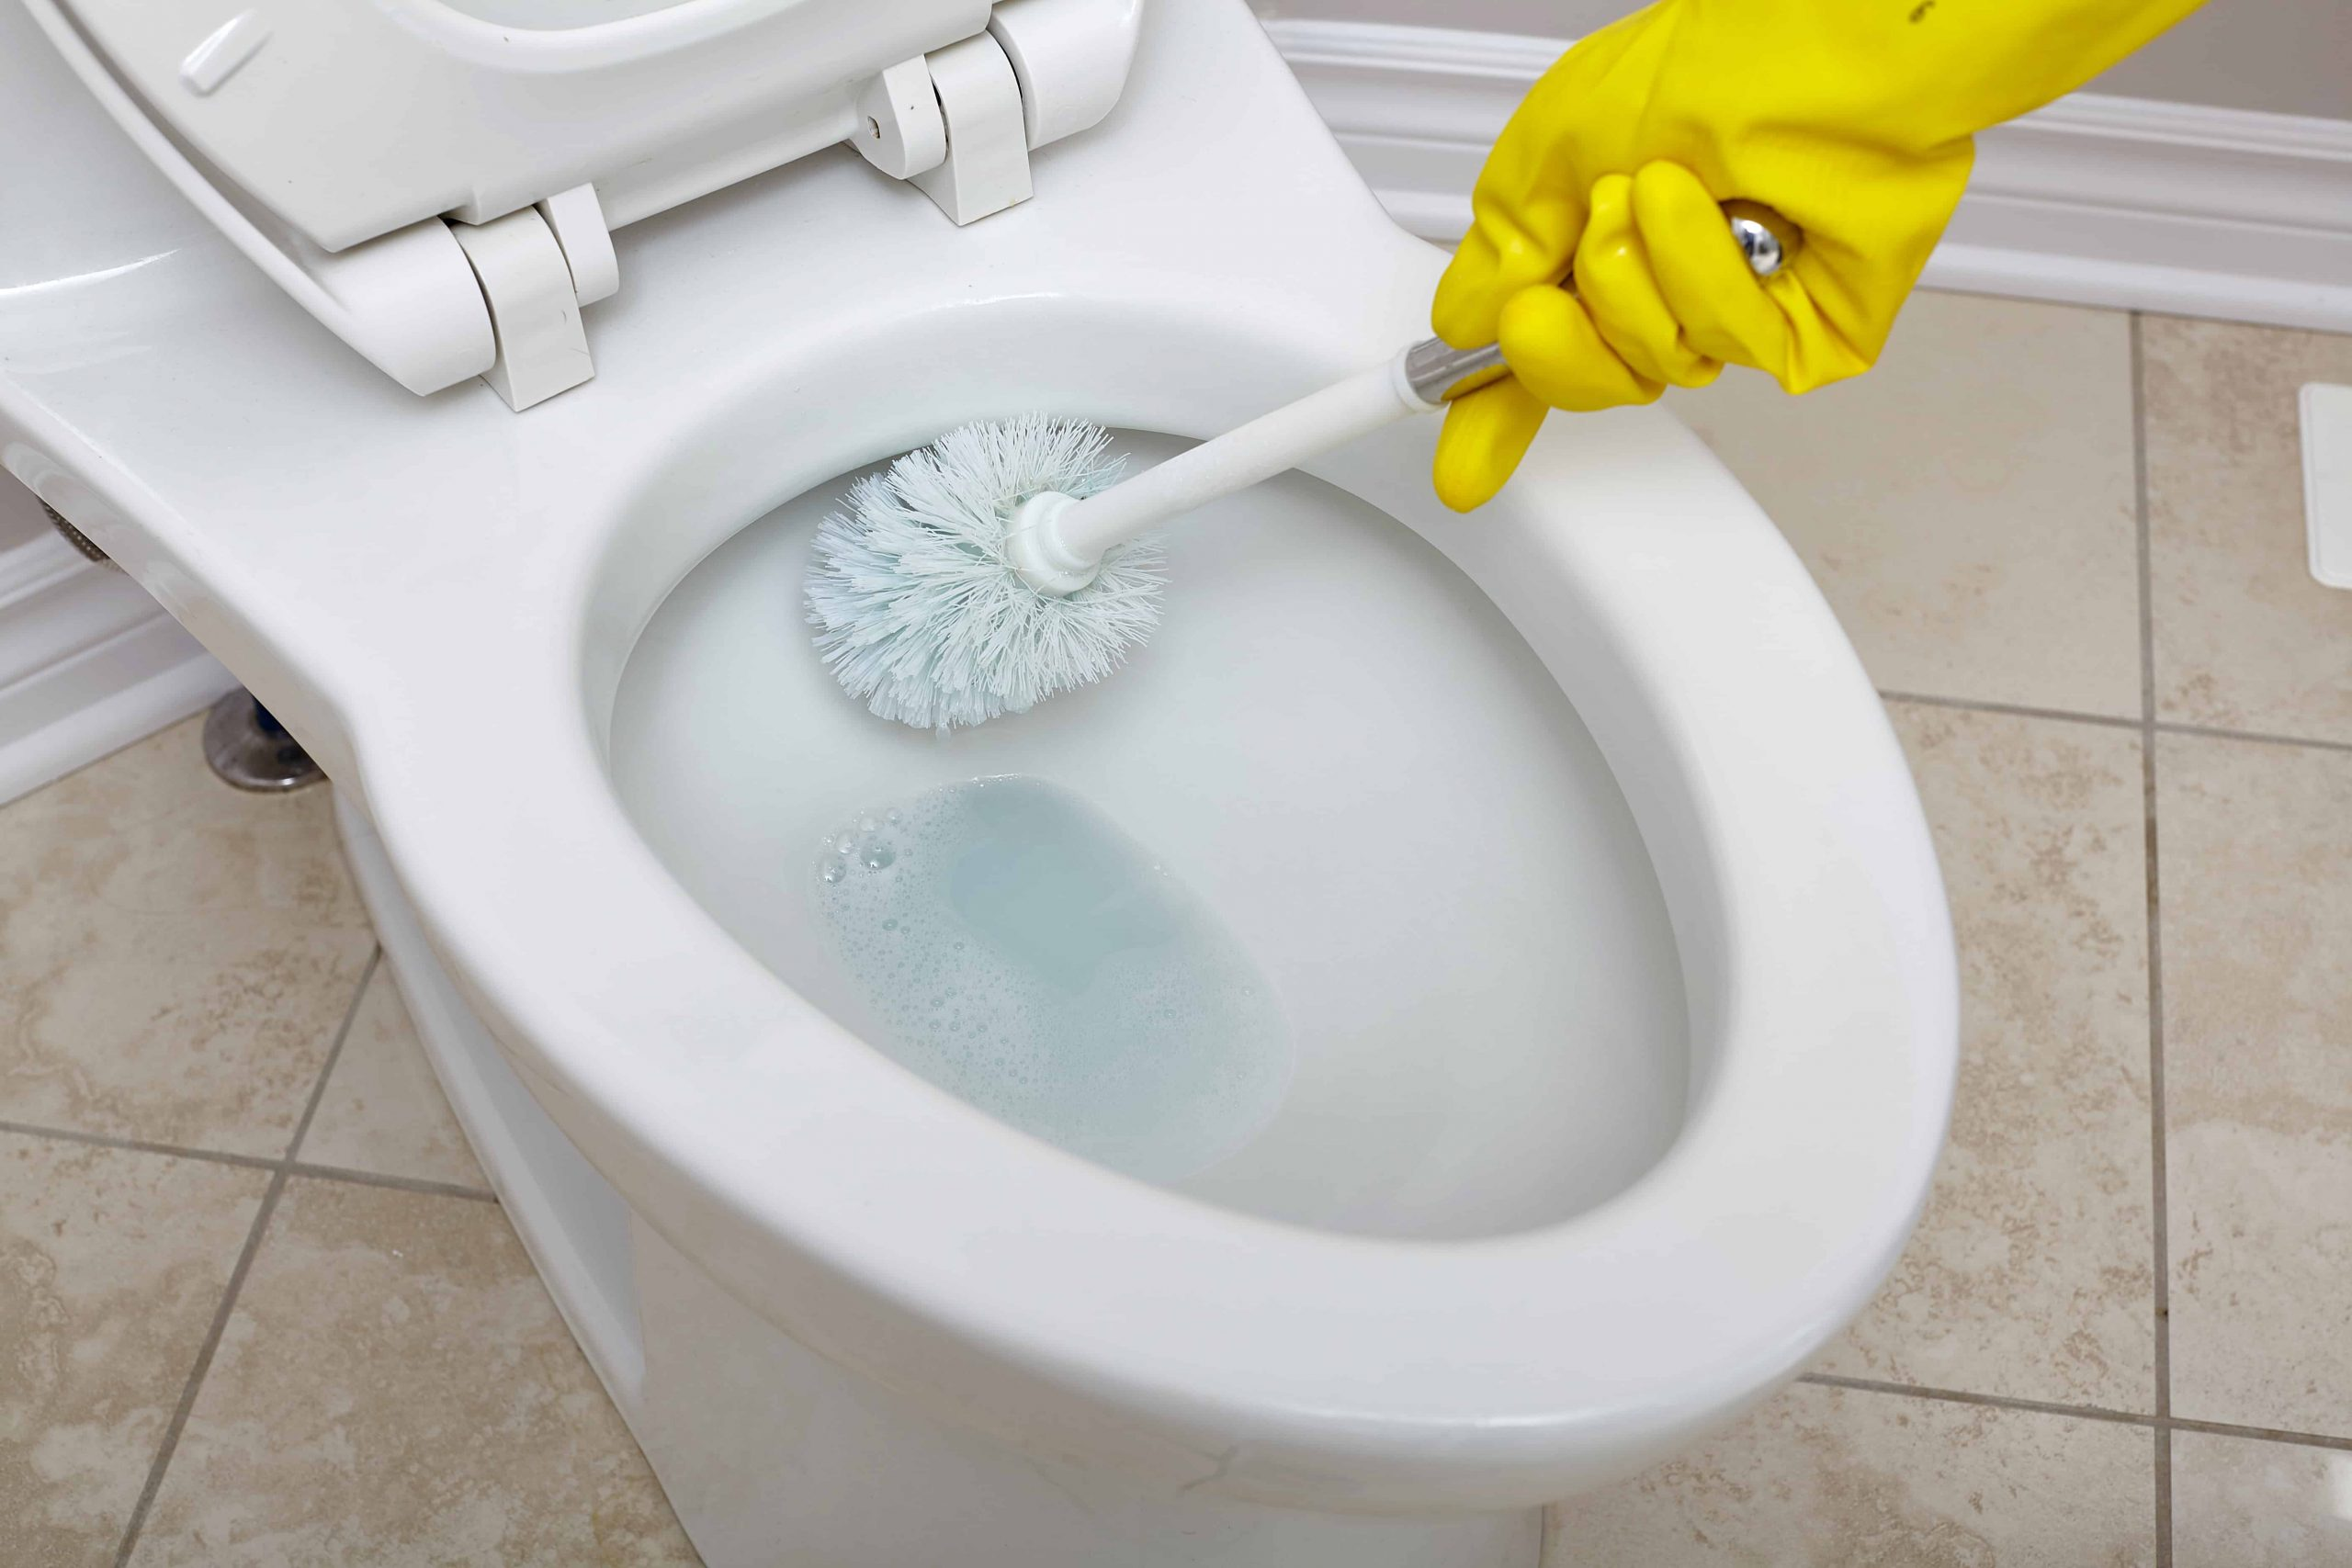 Toilettenbürste: Test & Empfehlungen (07/20)